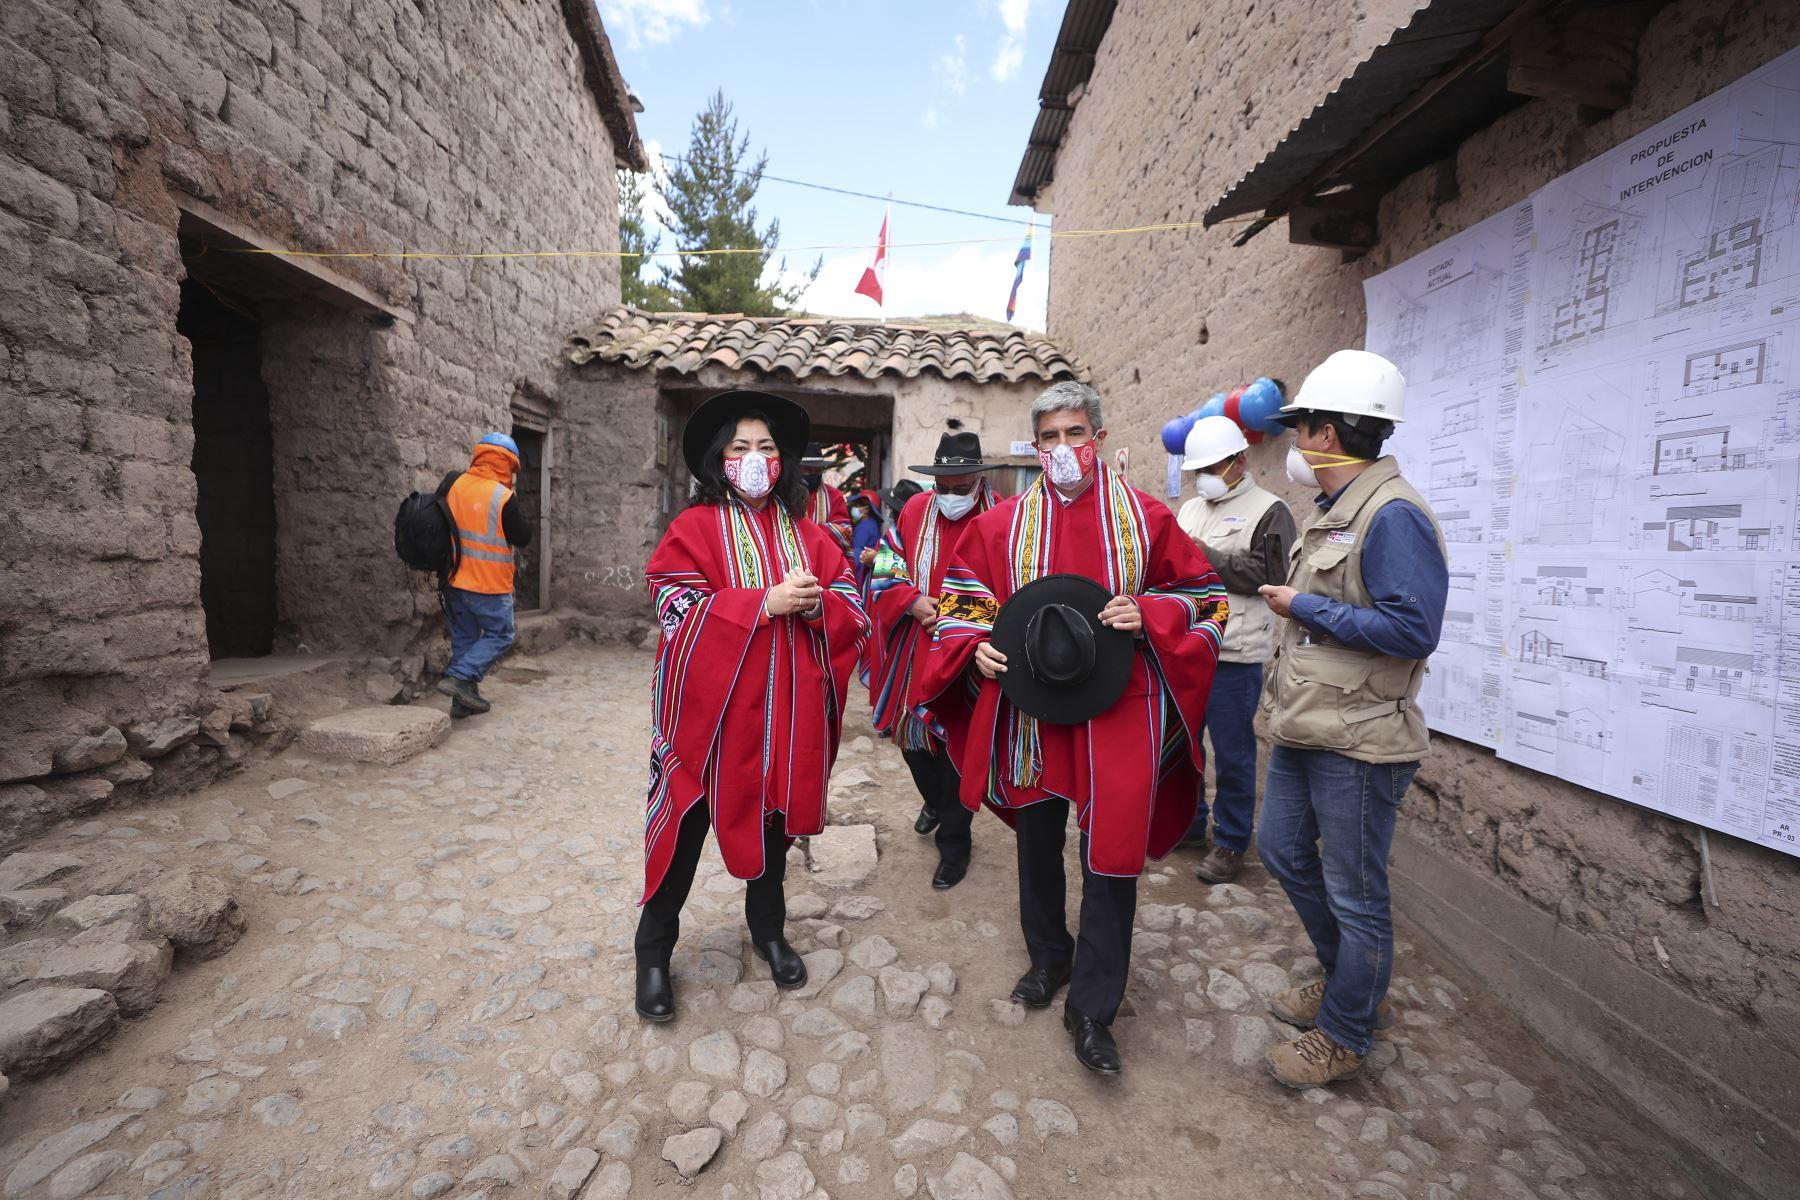 """La presidenta del Consejo de Ministros, Violeta Bermúdez, junto al ministro de Cultura, Alejandro Neyra, preside la ceremonia de conmemoración de los """"240 años del martirologio de Túpac Amaru II y Micaela Bastidas"""", como parte del rescate del legado histórico de los héroes peruanos al conmemorarse el Bicentenario, en la provincia de Canas, Cusco. Foto: ANDINA/PCM"""